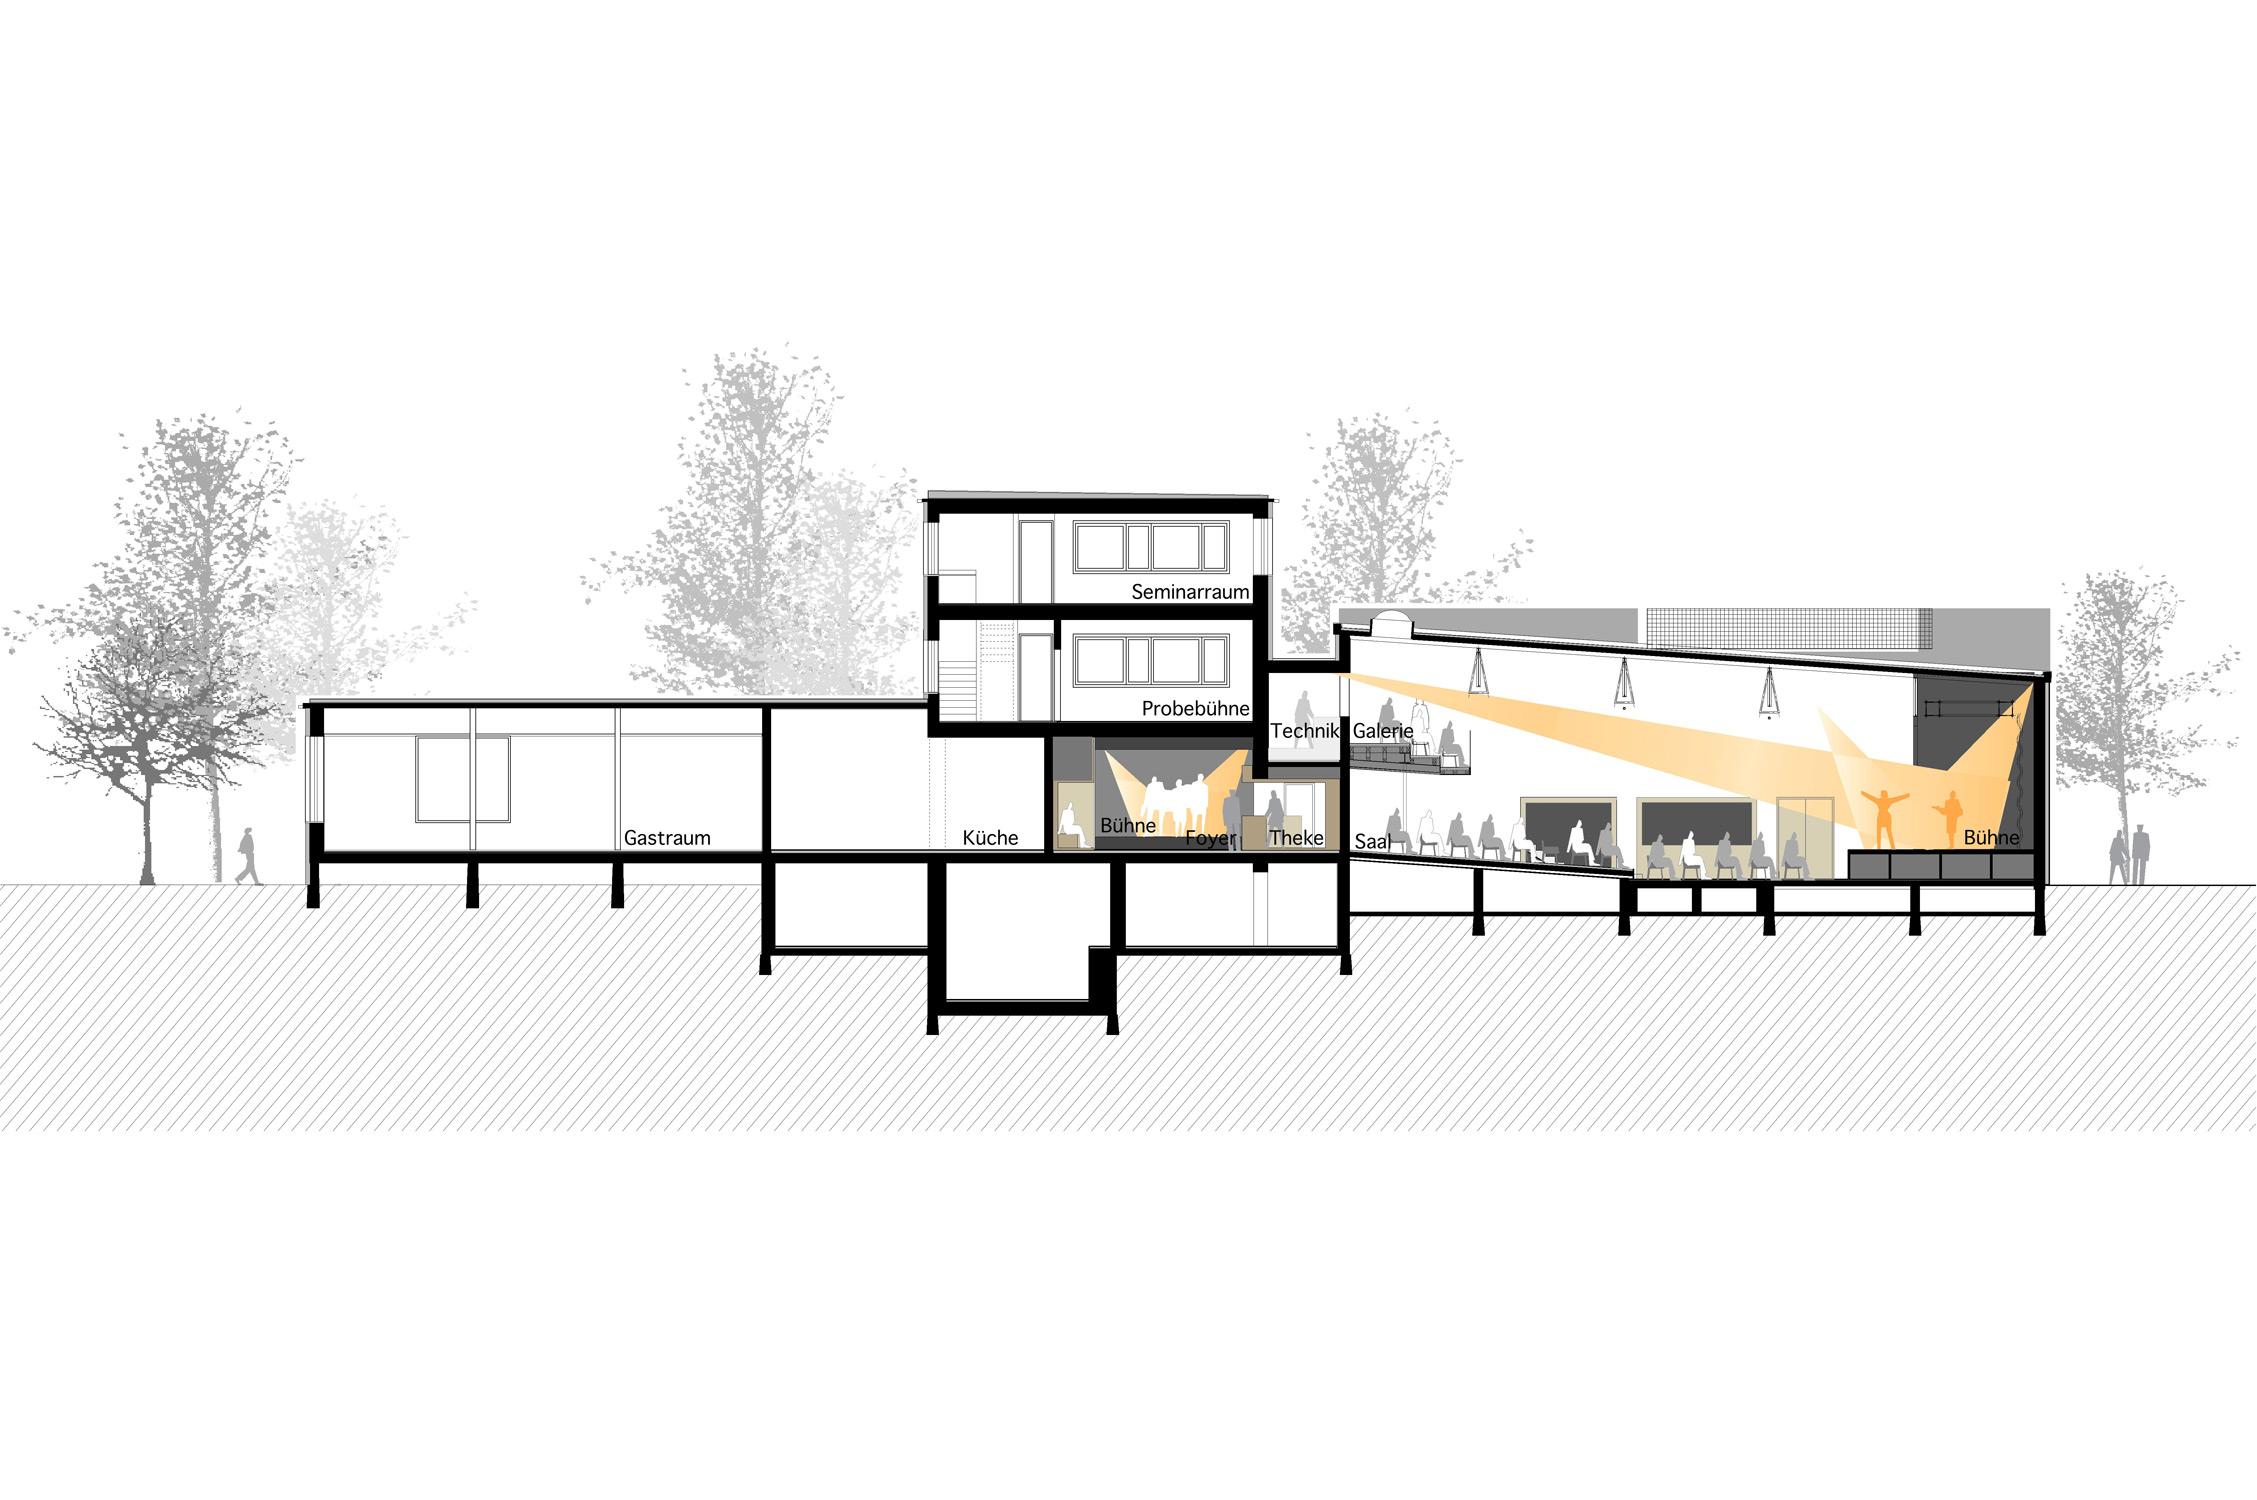 Projekte wezel architektur - Architektur schnitt ...